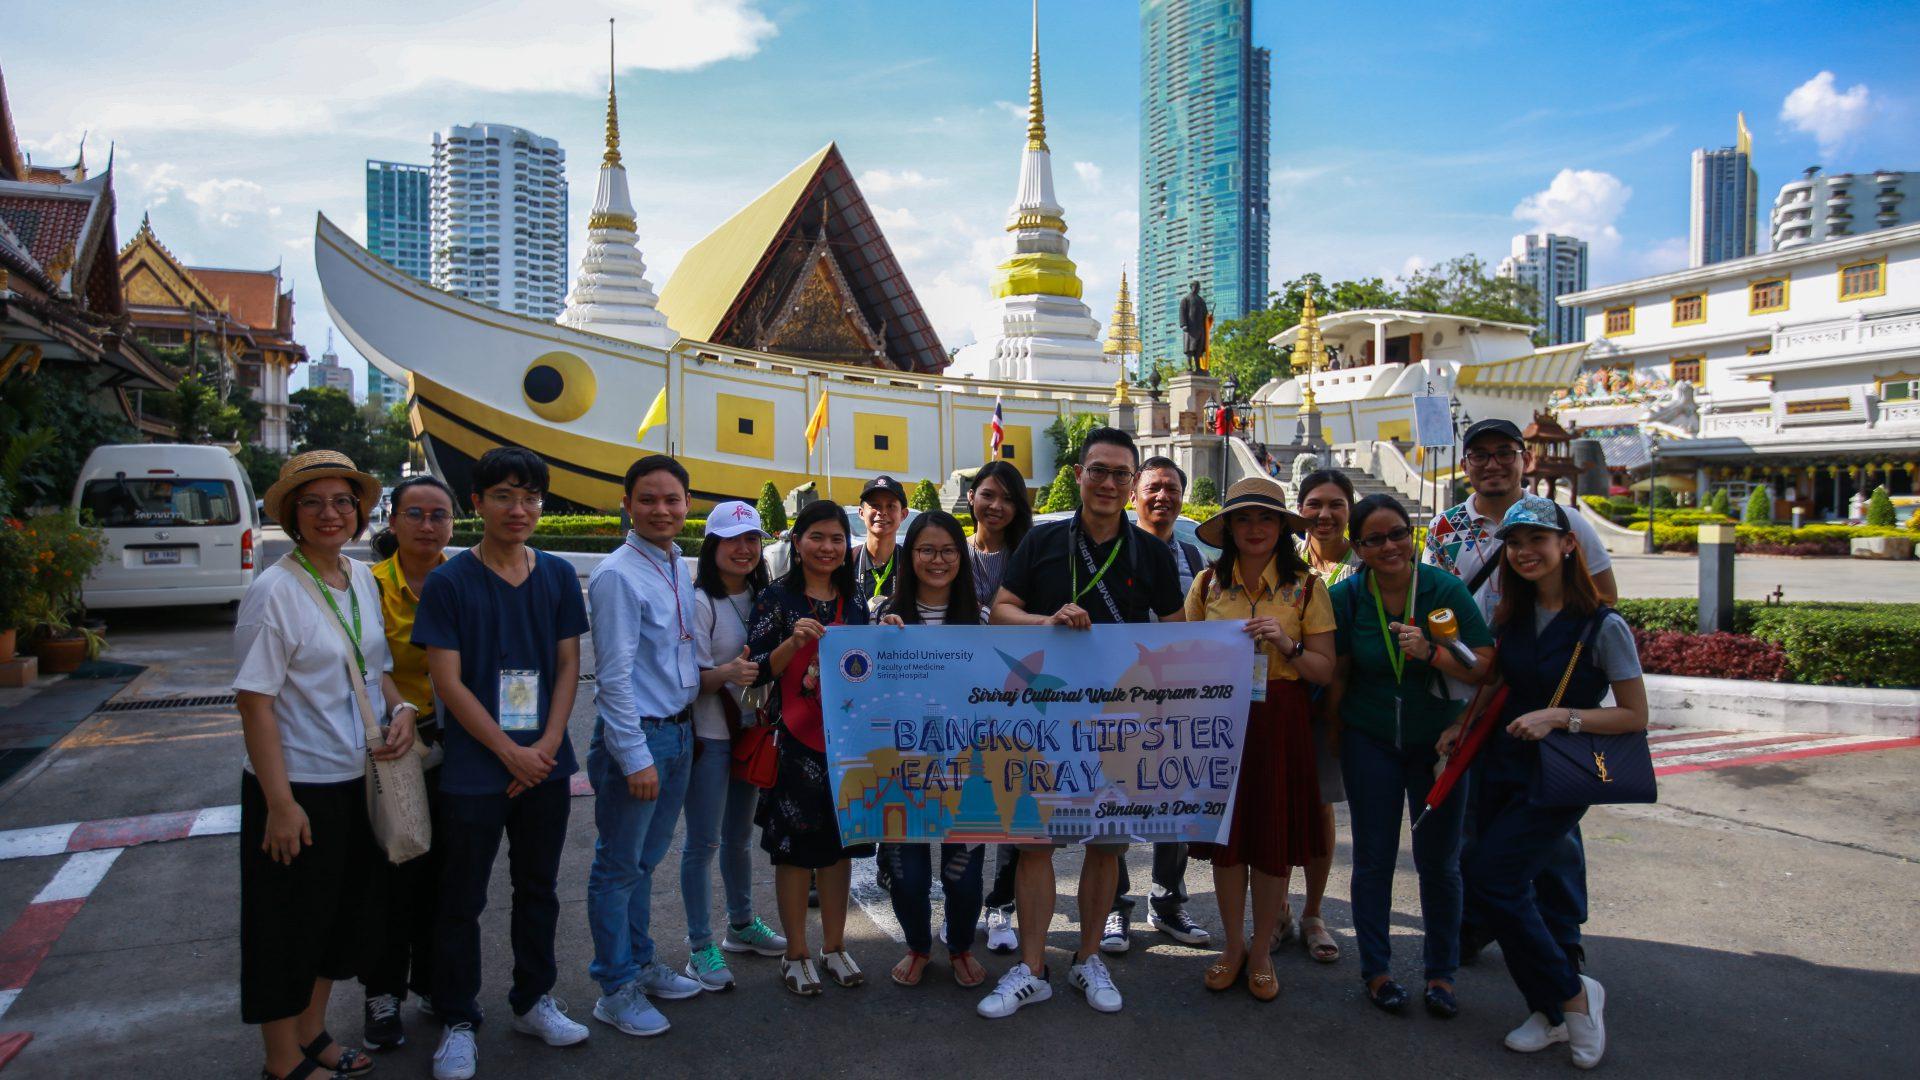 The Cultural Walk Project 2018